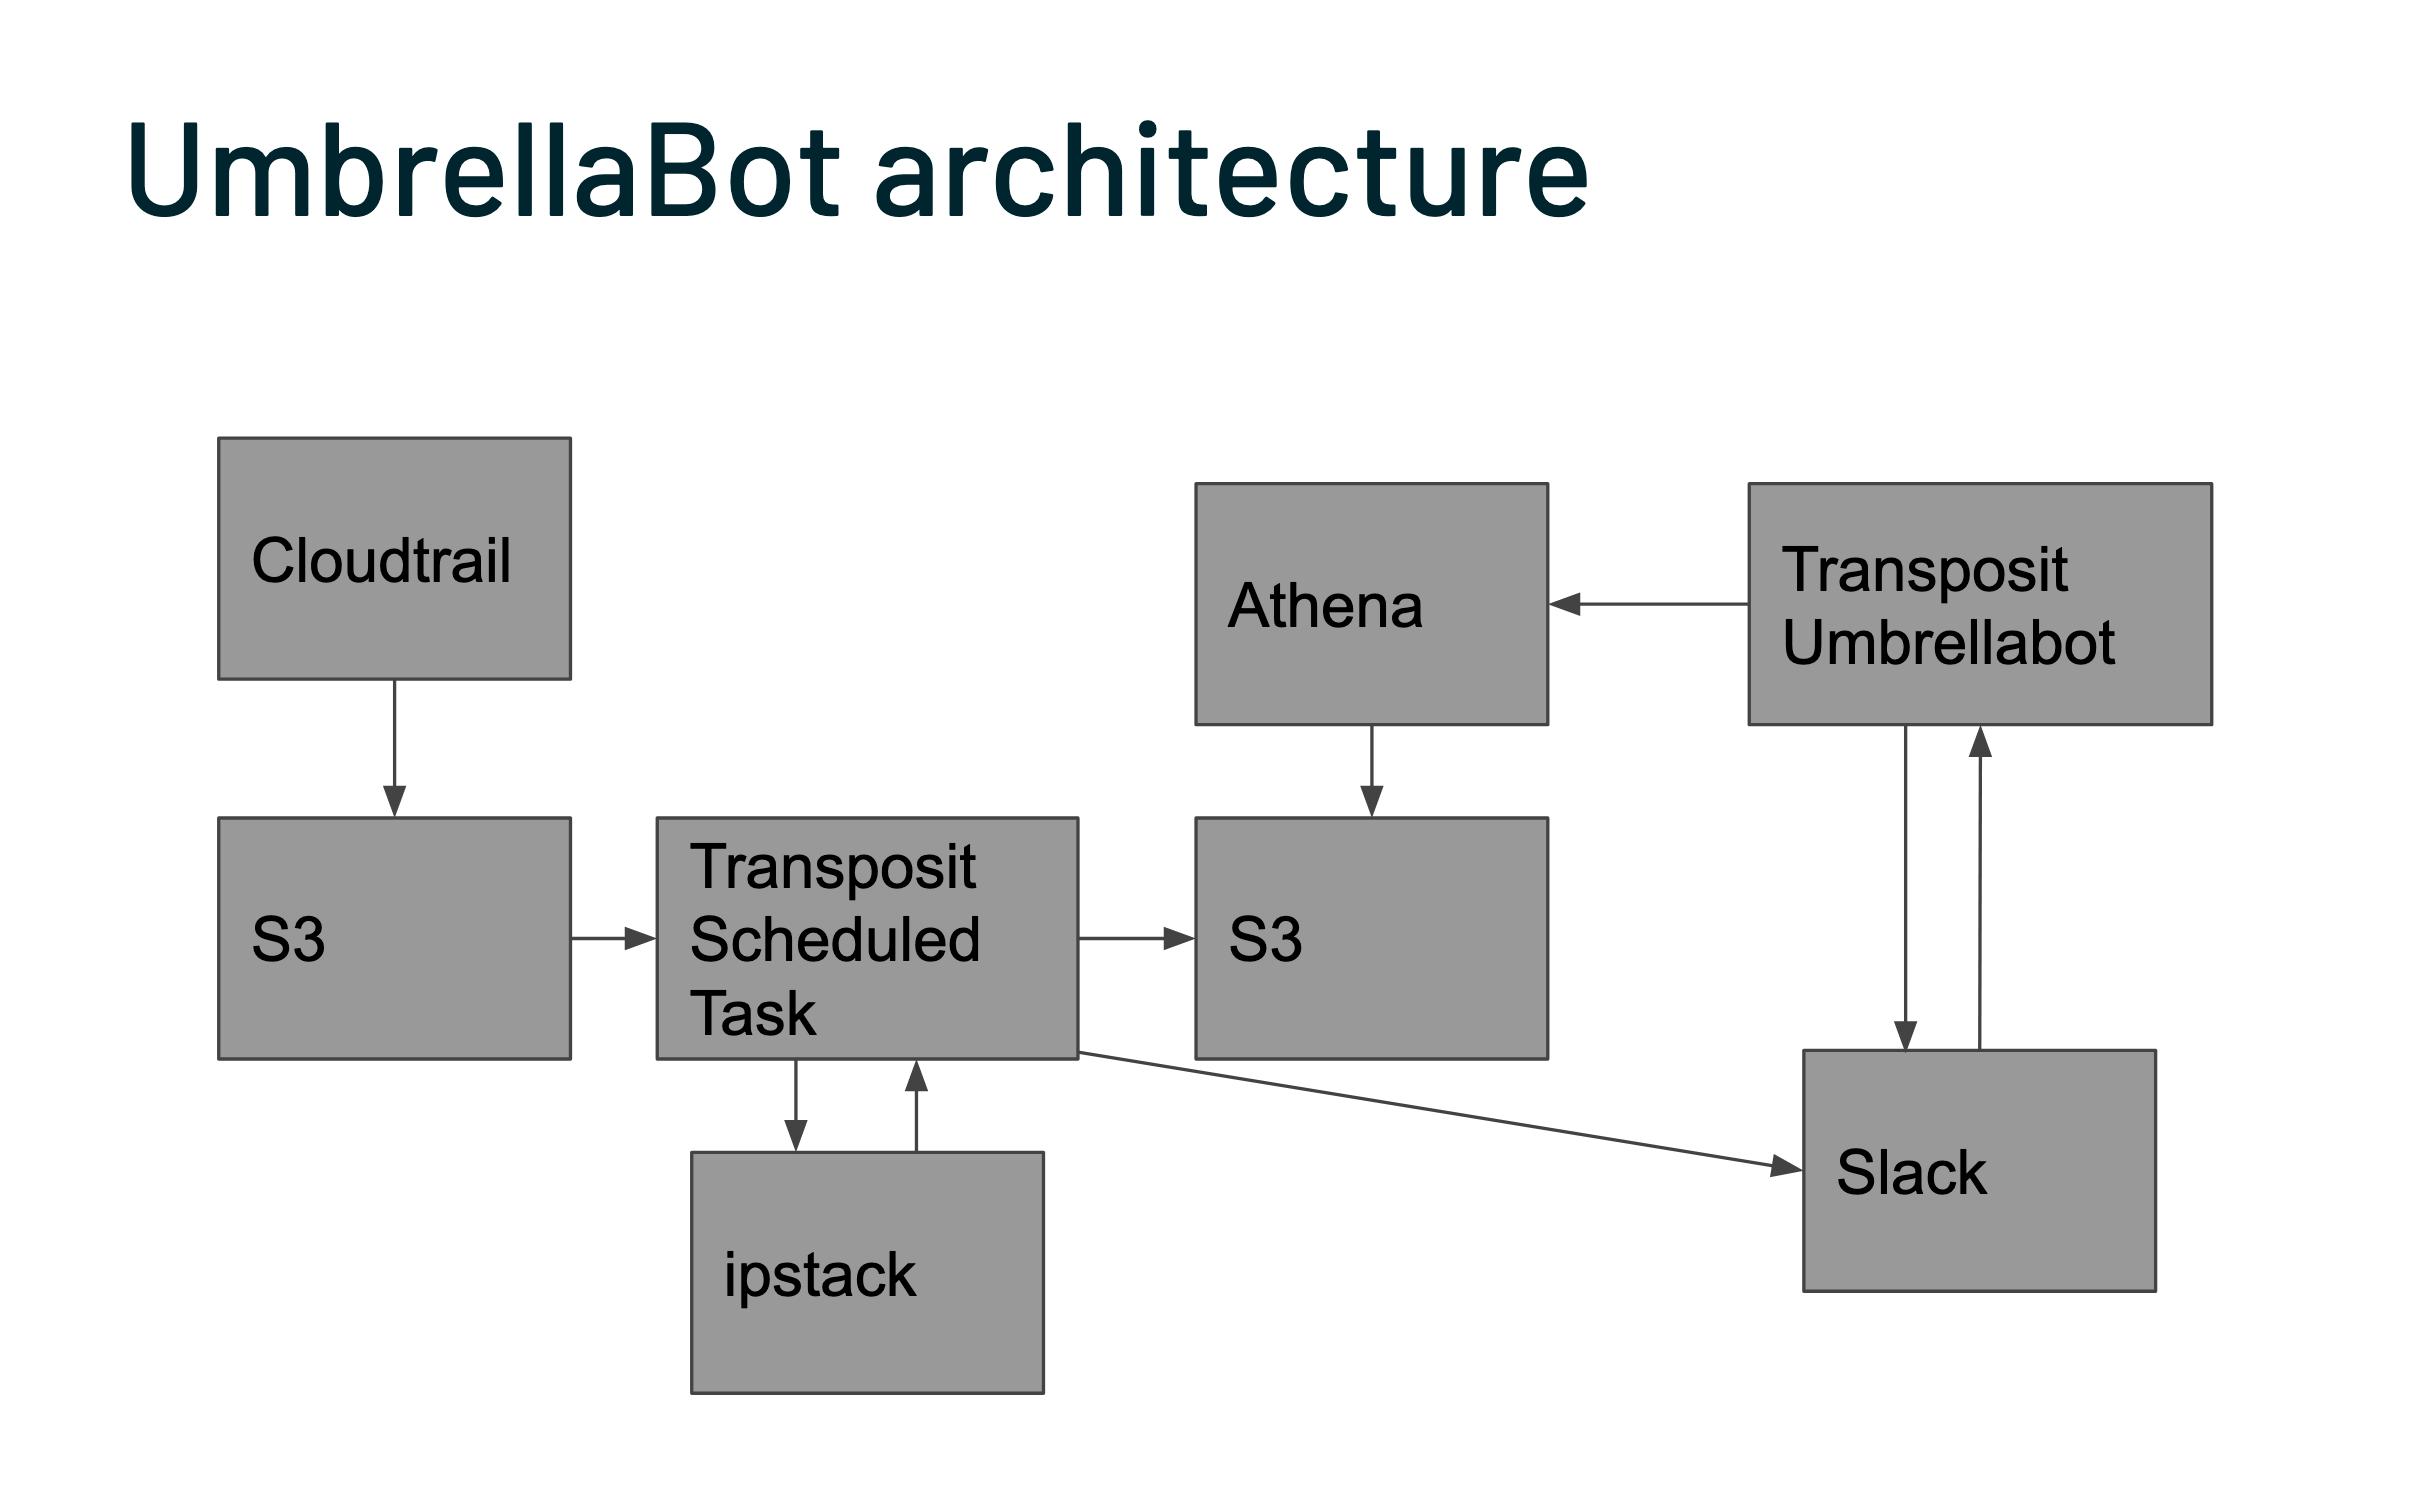 UmbrellaBot architecture diagram